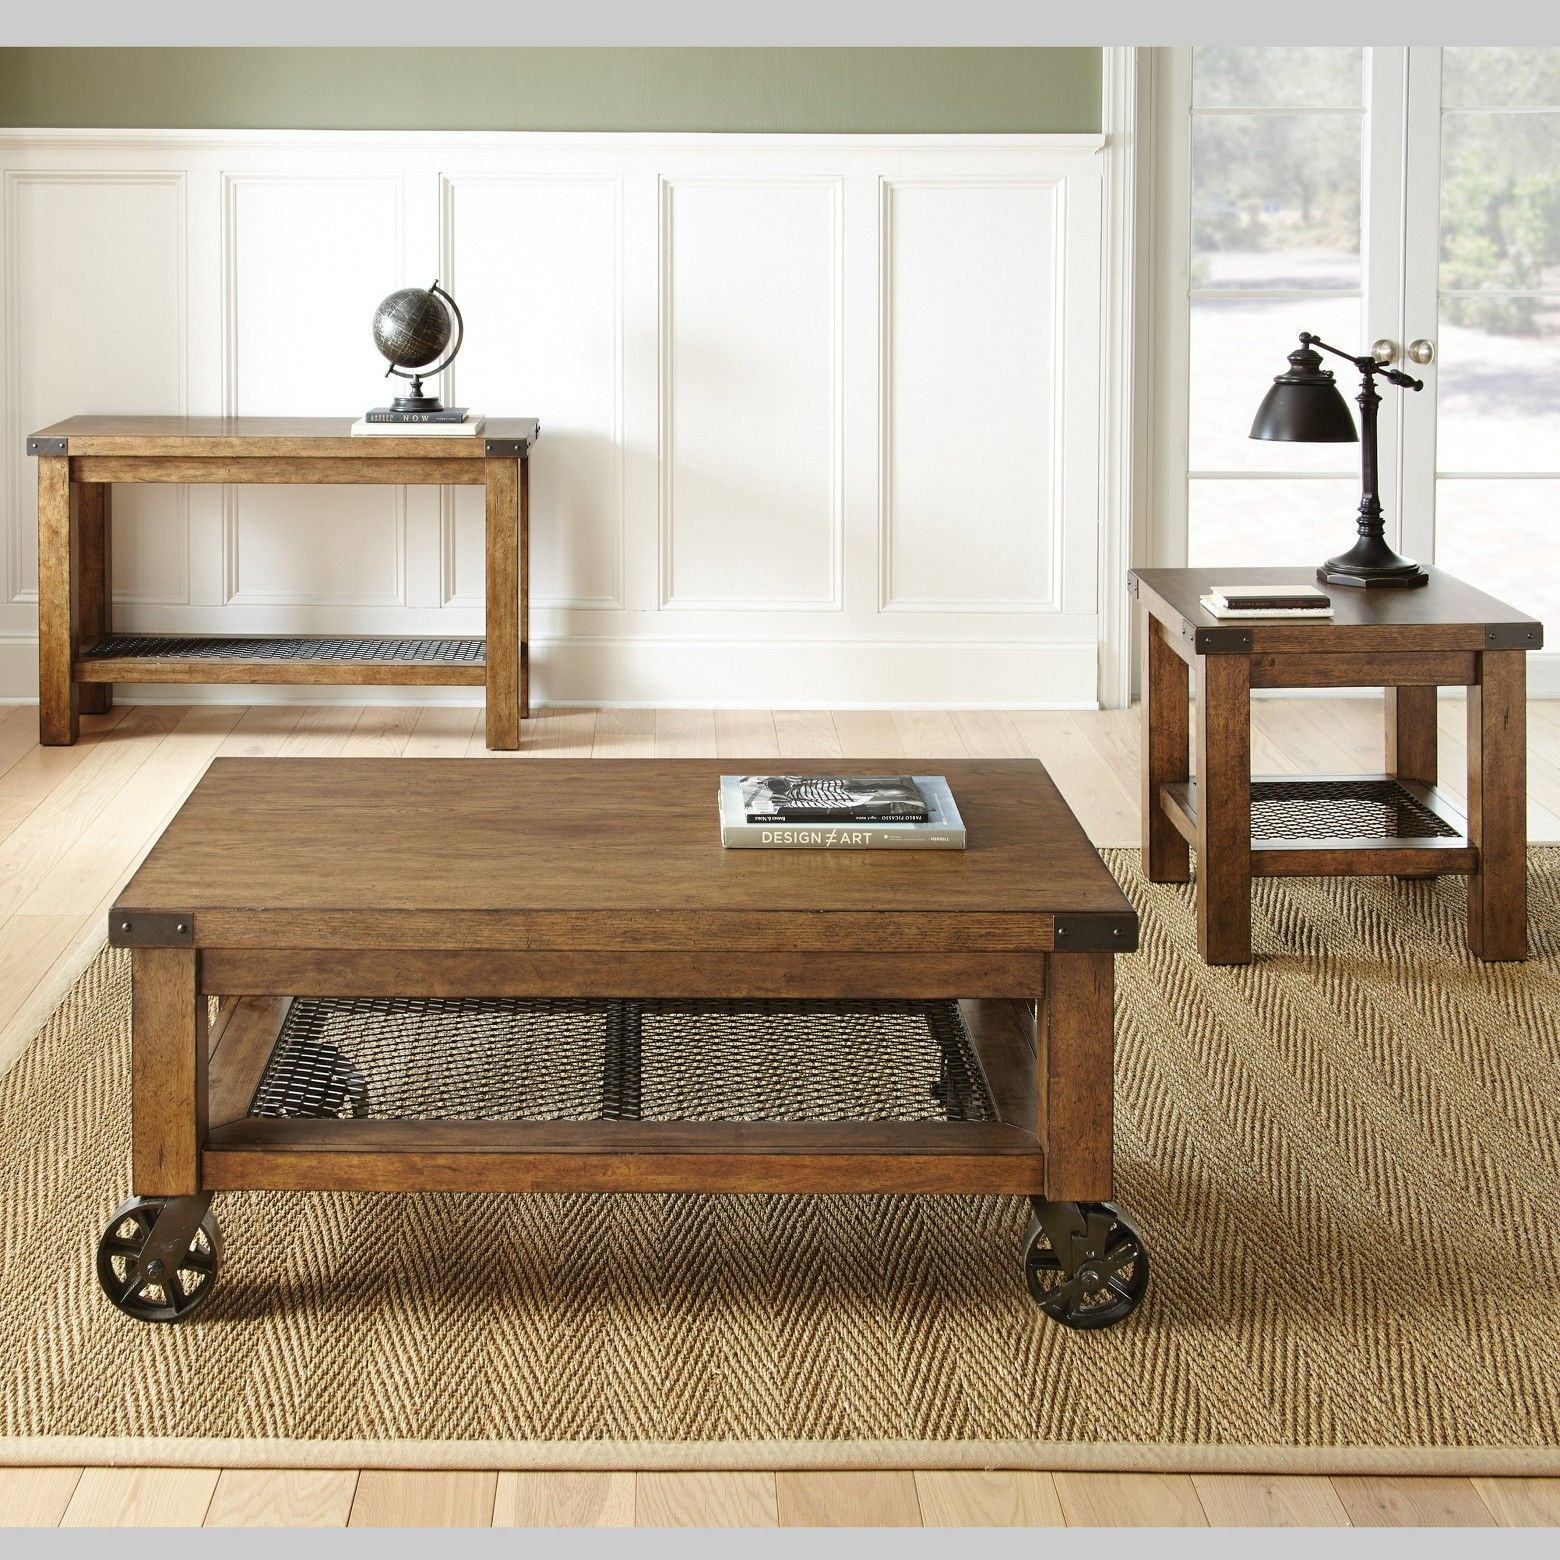 Hailee End Table Oak Steve Silver Coffee Table With Casters Coffee Table Coffee Table With Wheels [ 1560 x 1560 Pixel ]